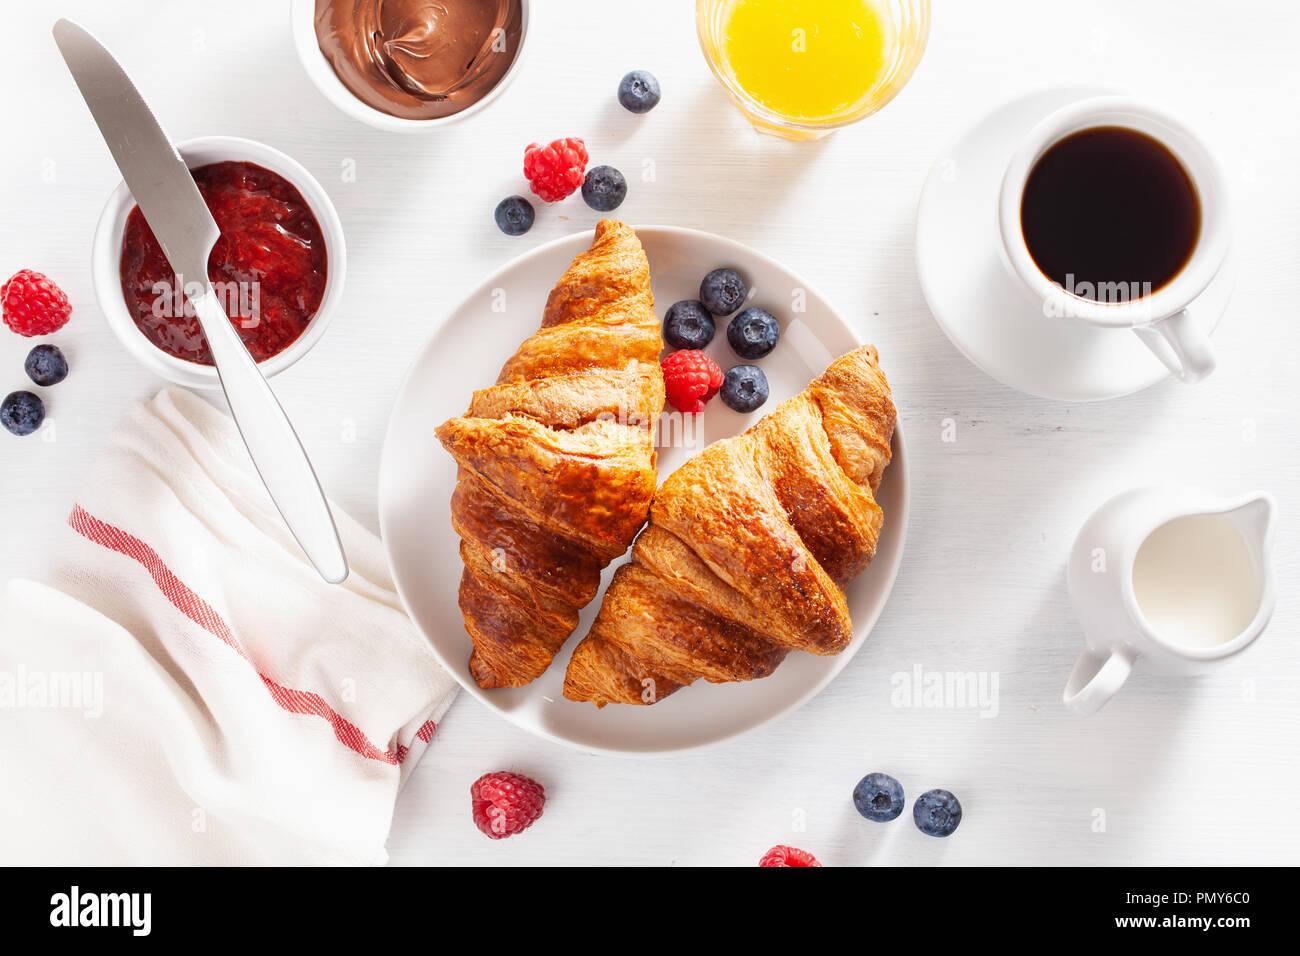 Petit déjeuner avec croissant, confiture, pâte à tartiner au chocolat et café. Vue d'en haut Photo Stock